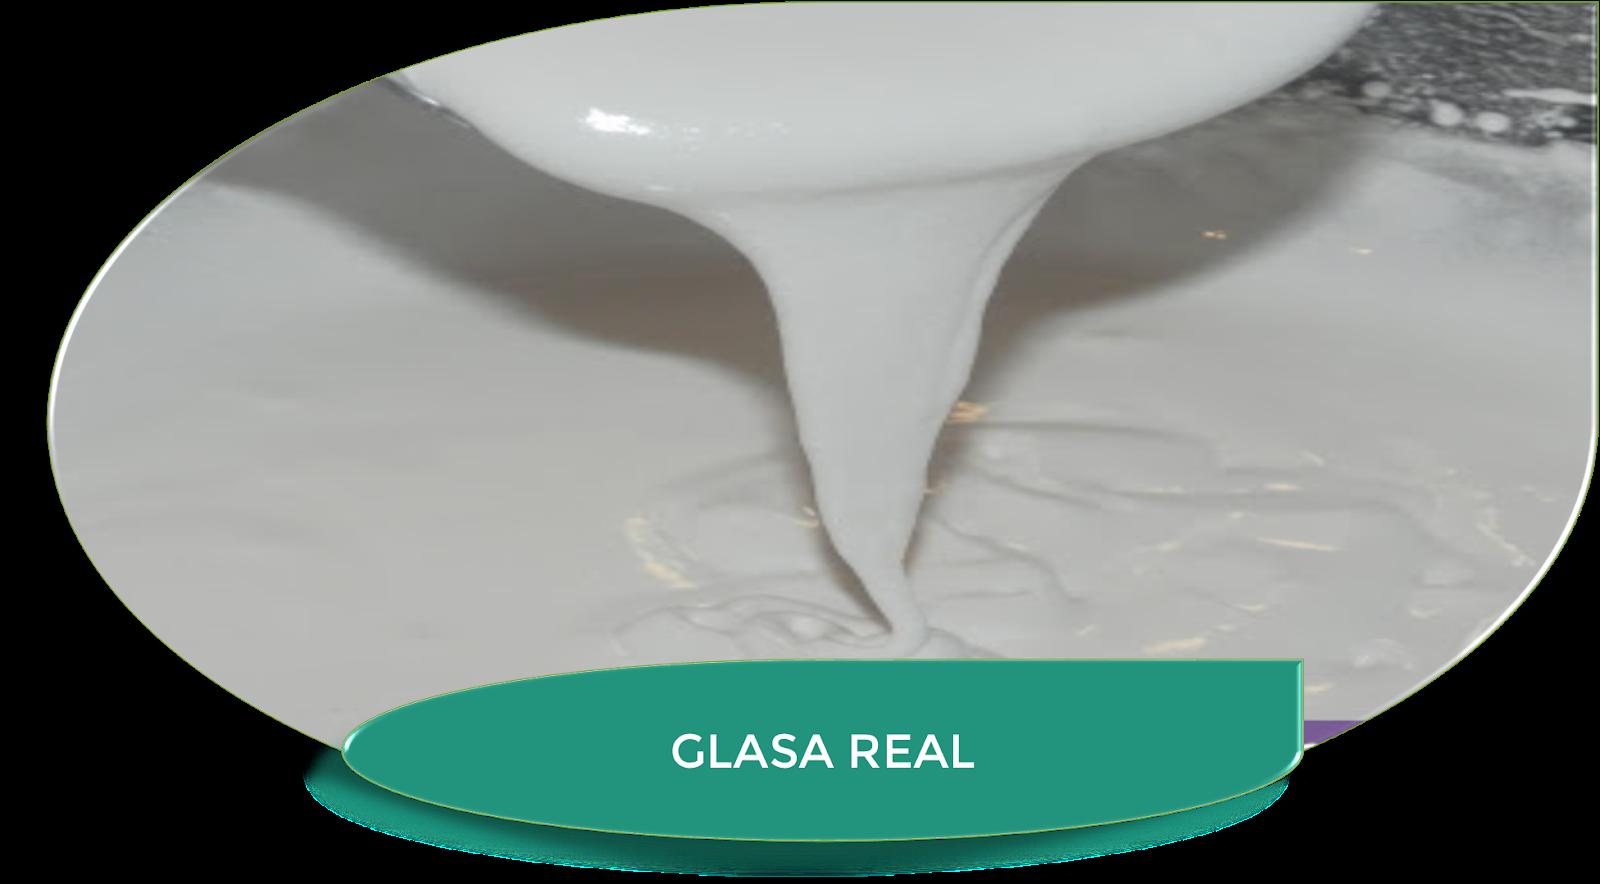 GLASA REAL